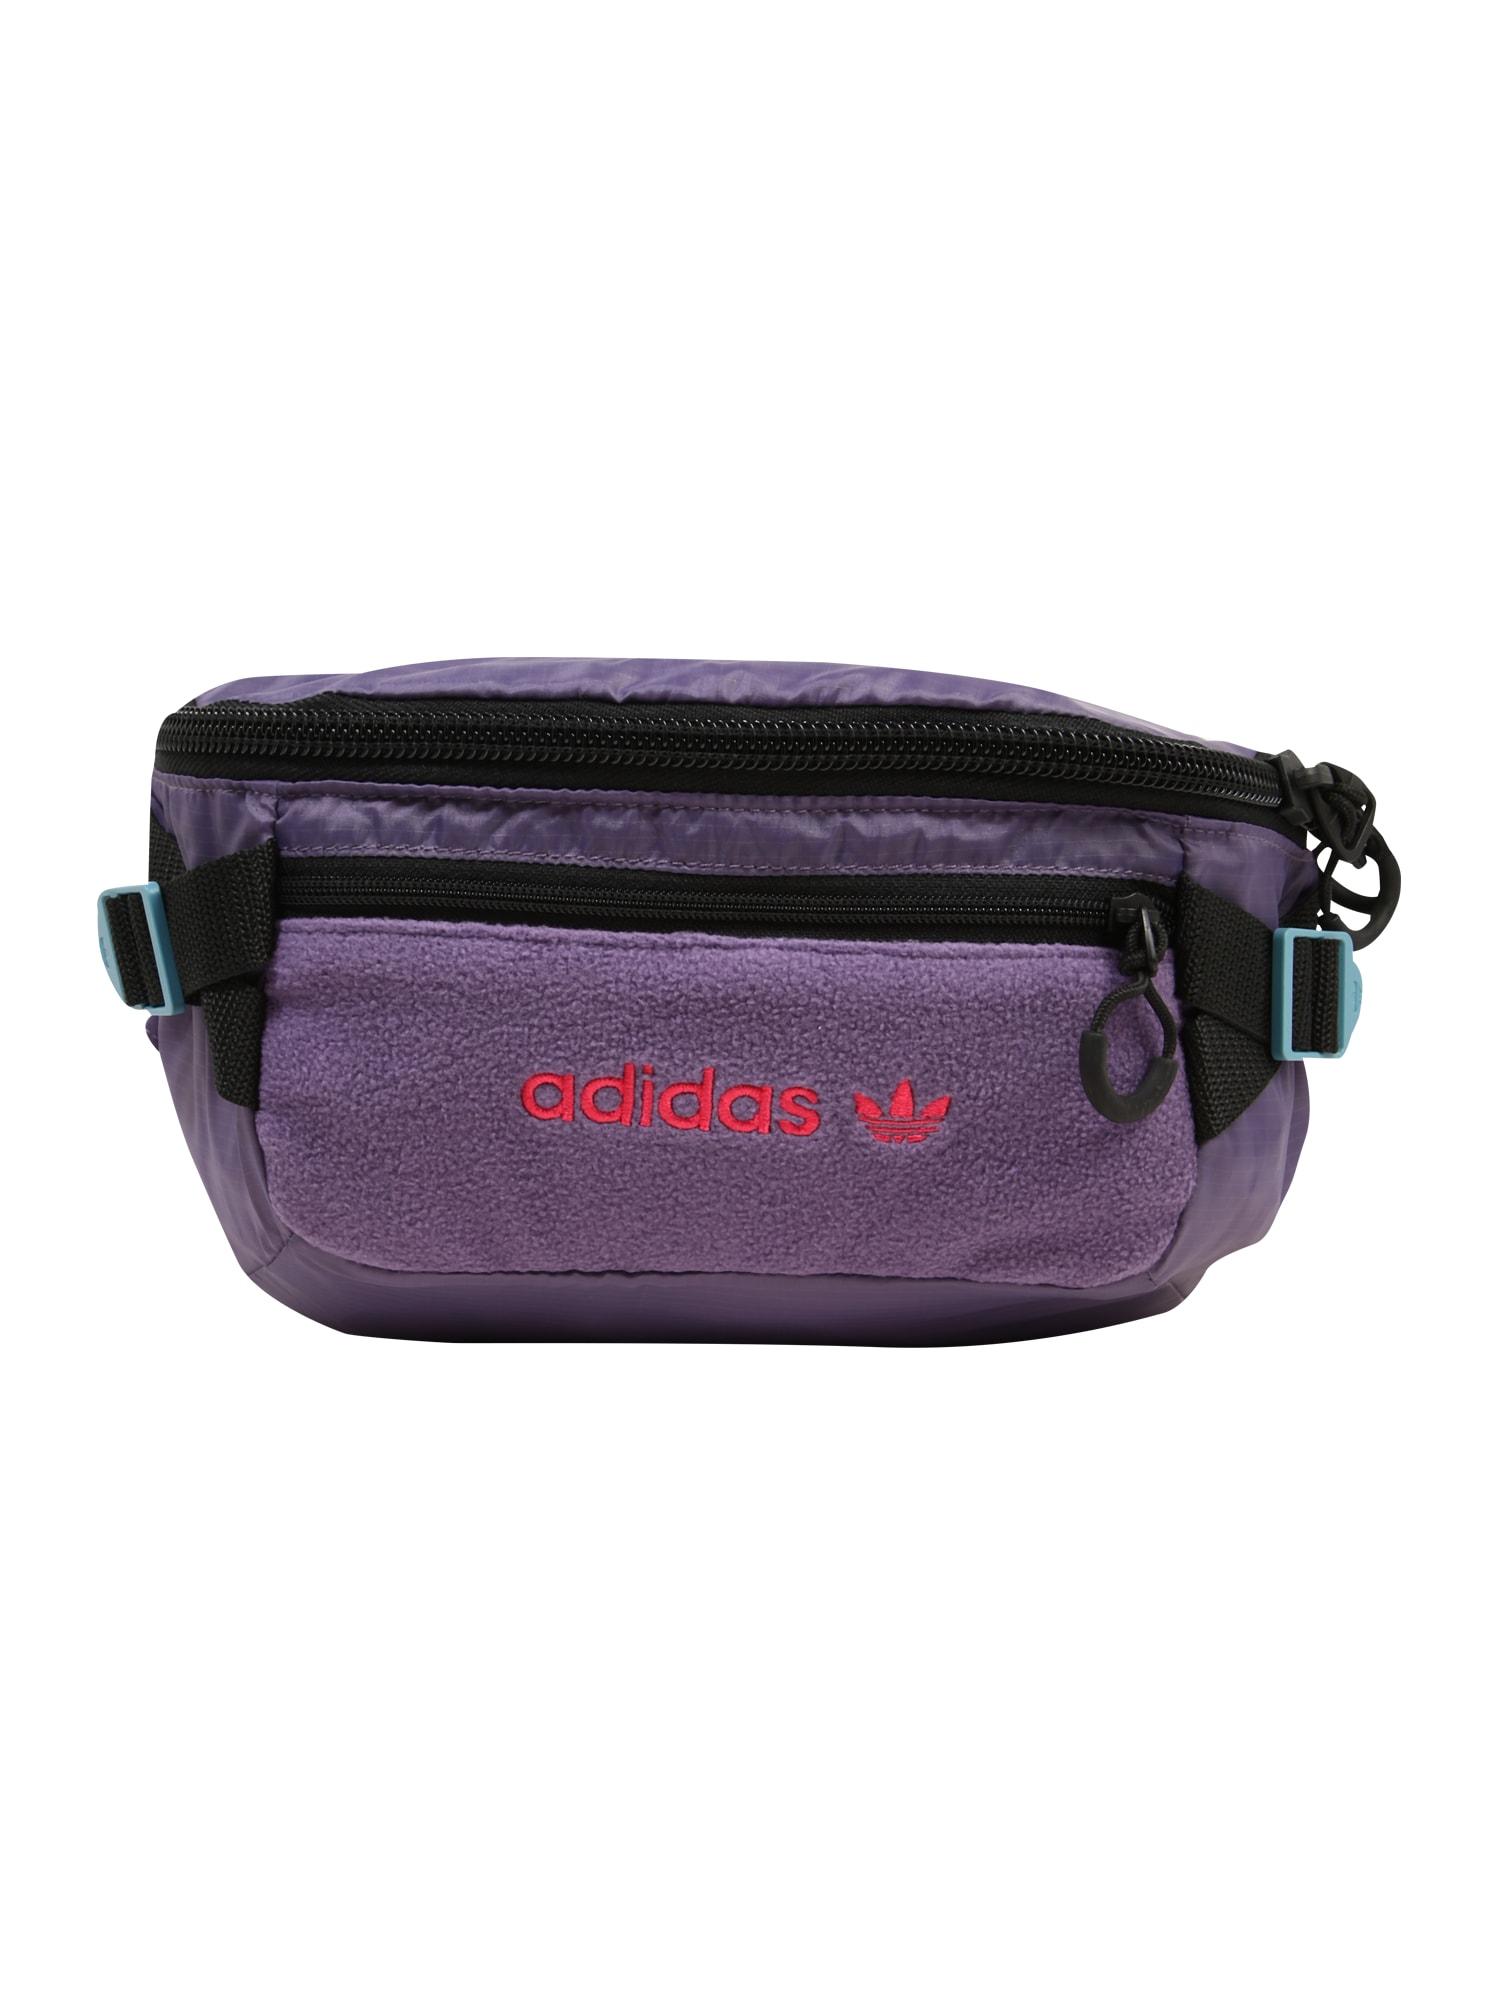 ADIDAS ORIGINALS Rankinė ant juosmens 'Premium Essentials' tamsiai violetinė